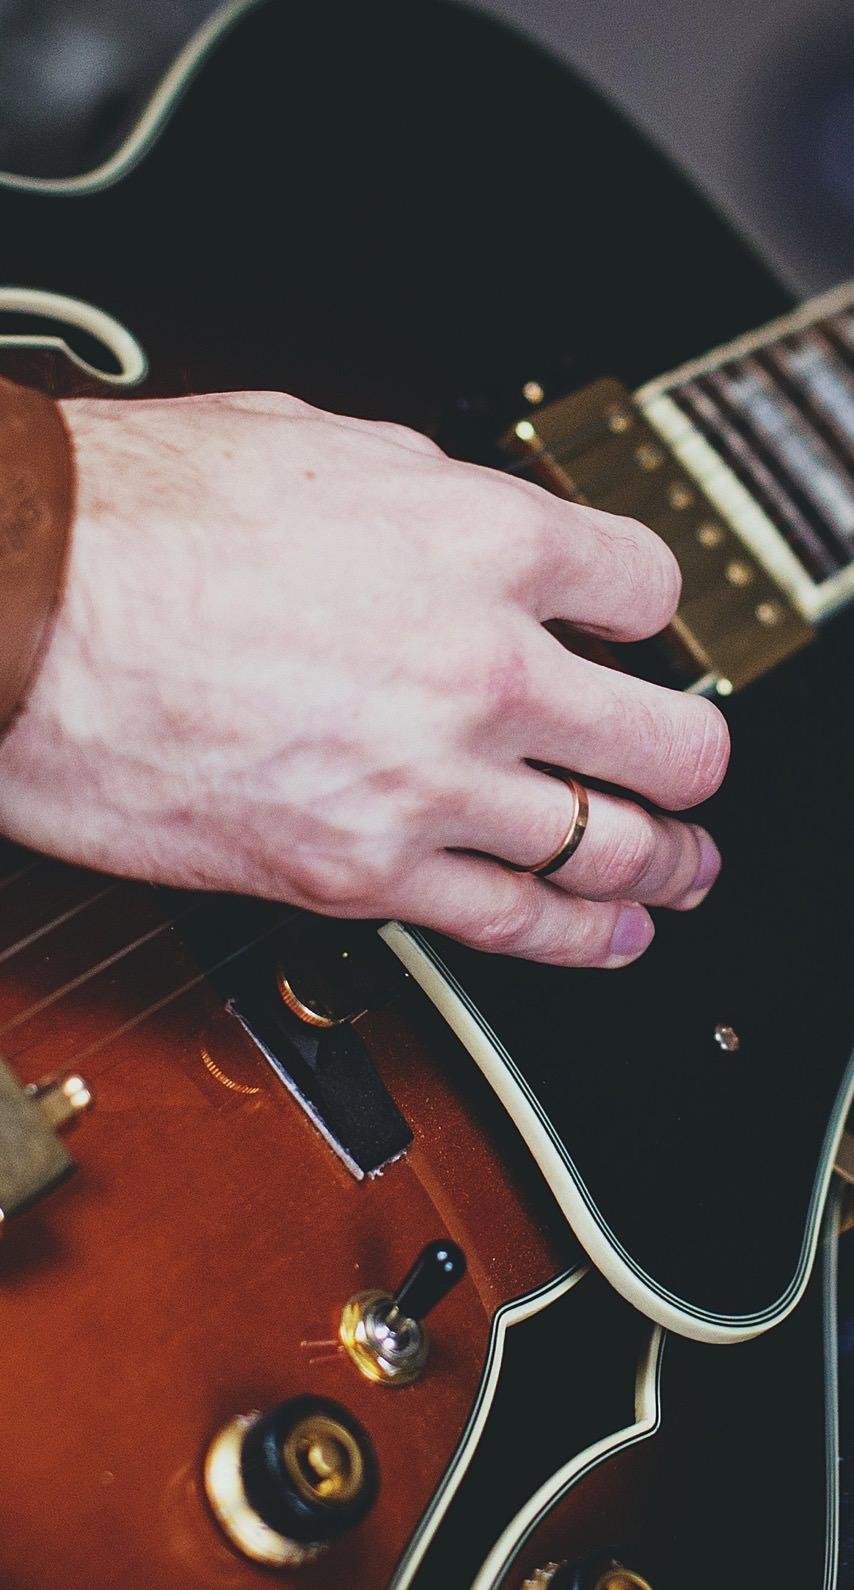 ギターとギタリスト Wallpaper Sc Iphone7壁紙